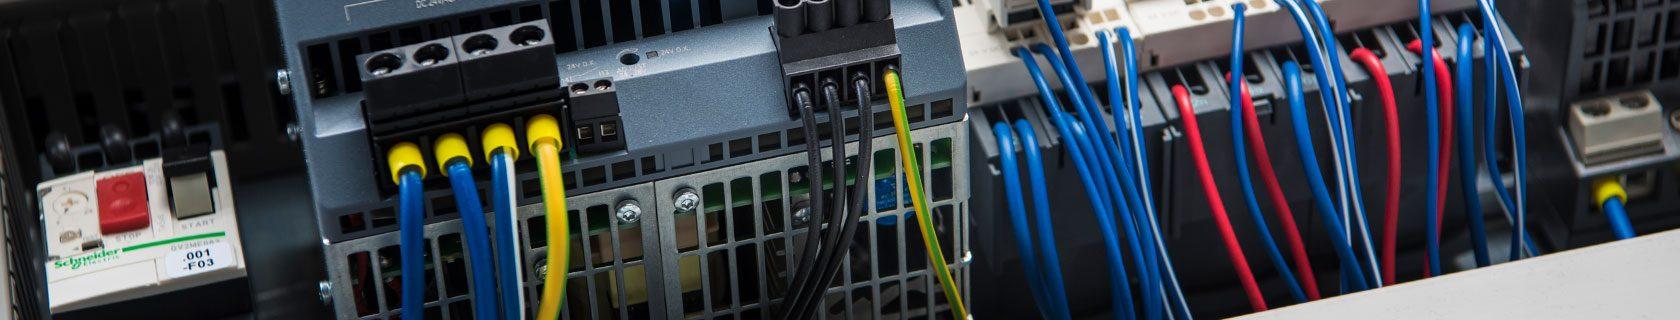 Kabelkonfektionierung im Rahmen des Schaltschrankbaus